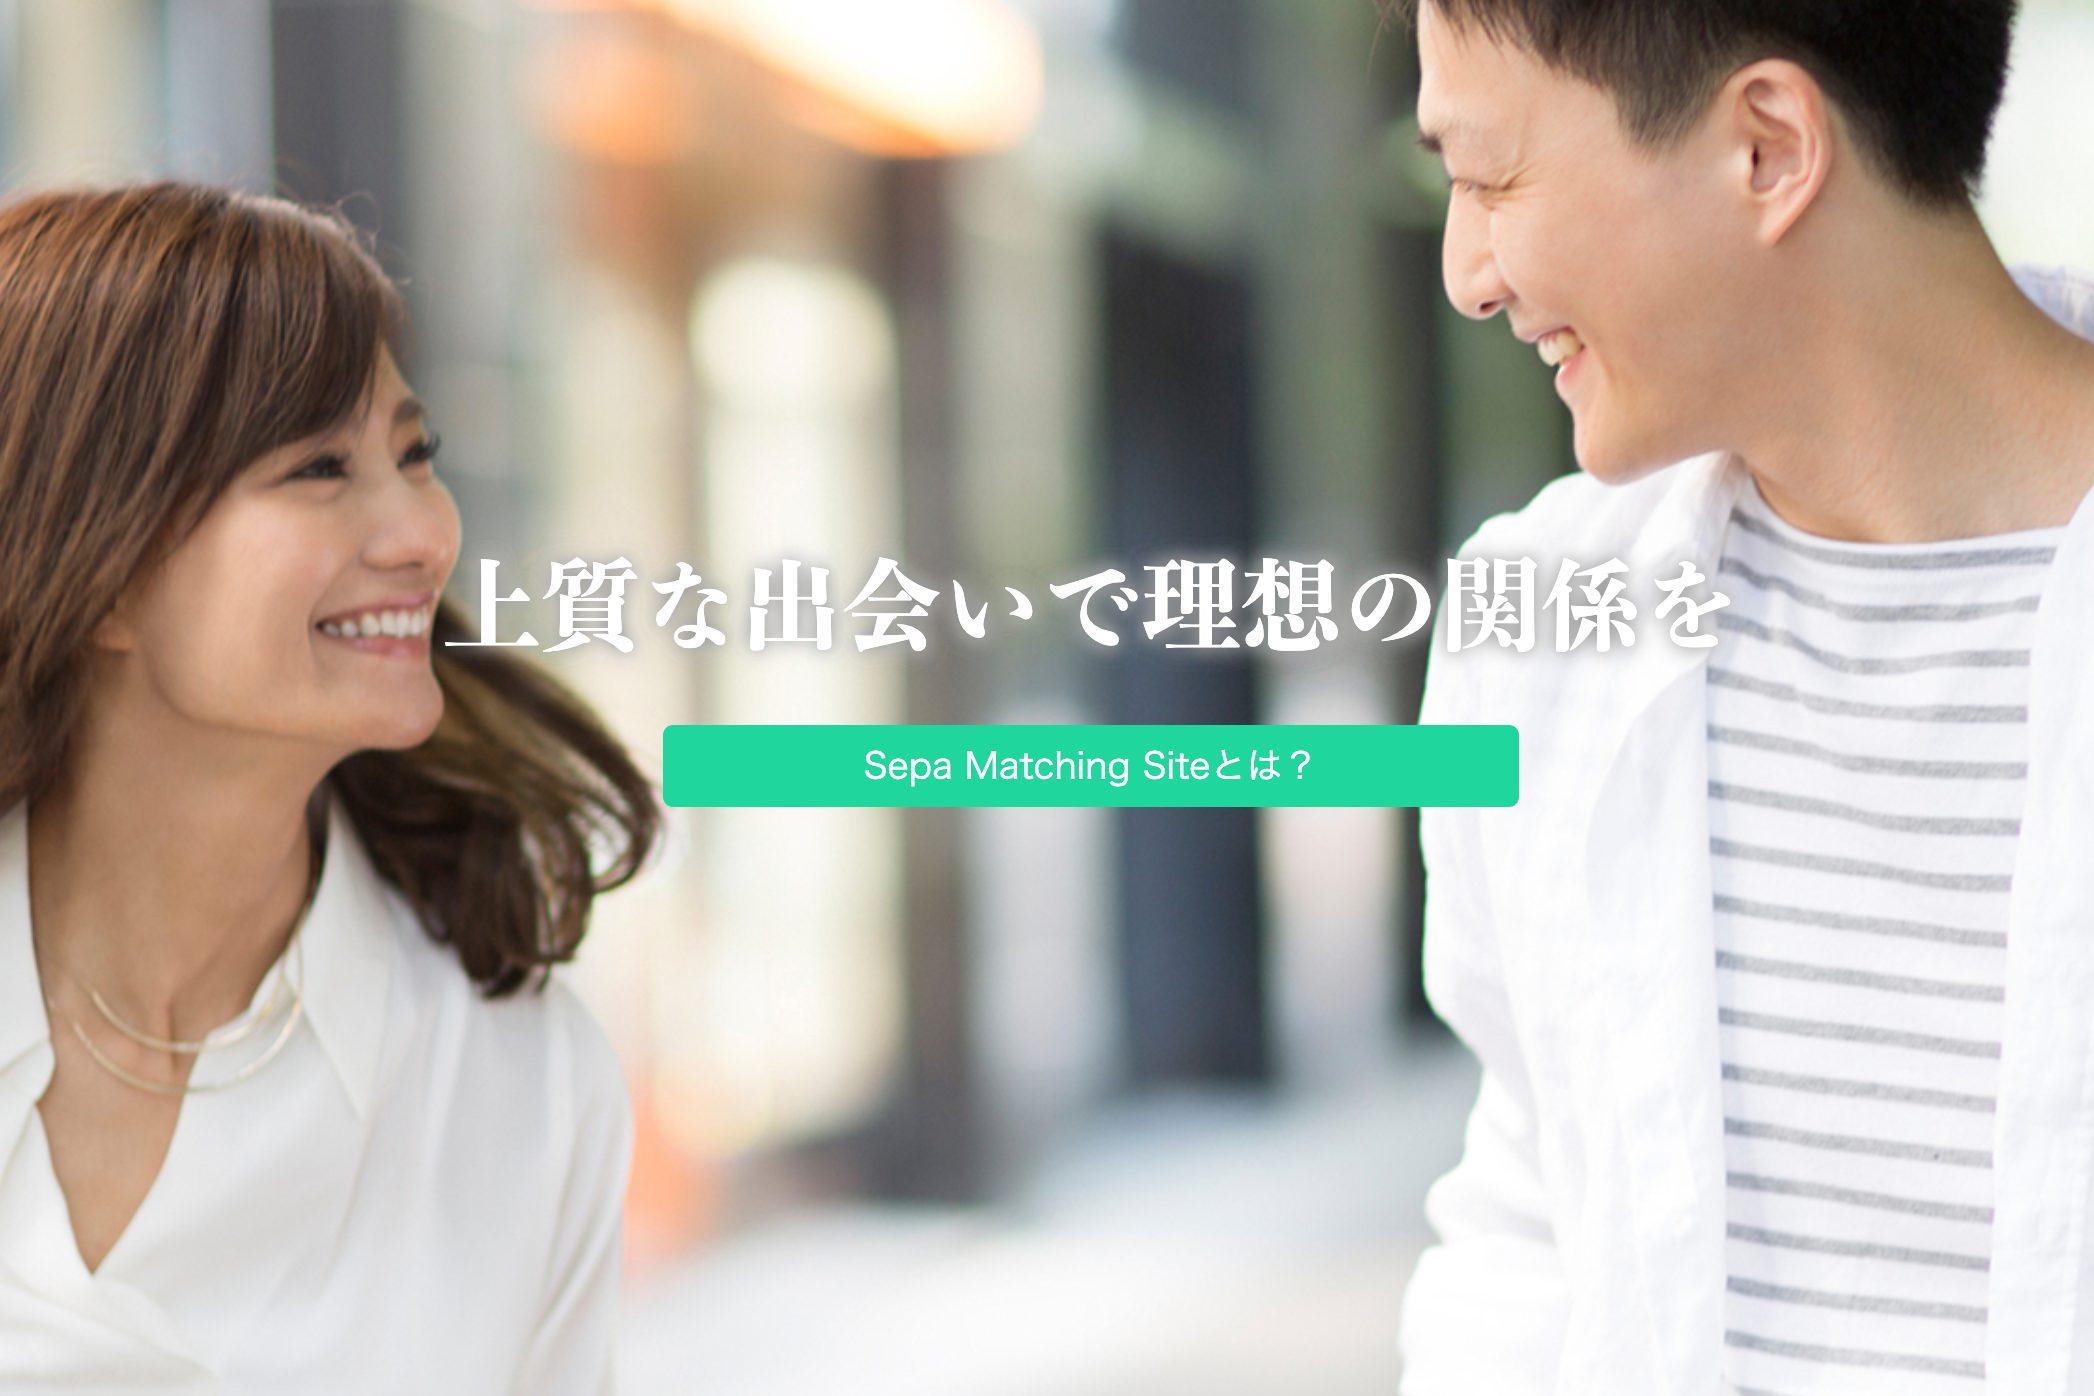 既婚者 セフレ 出会い系アプリ6選 sepa